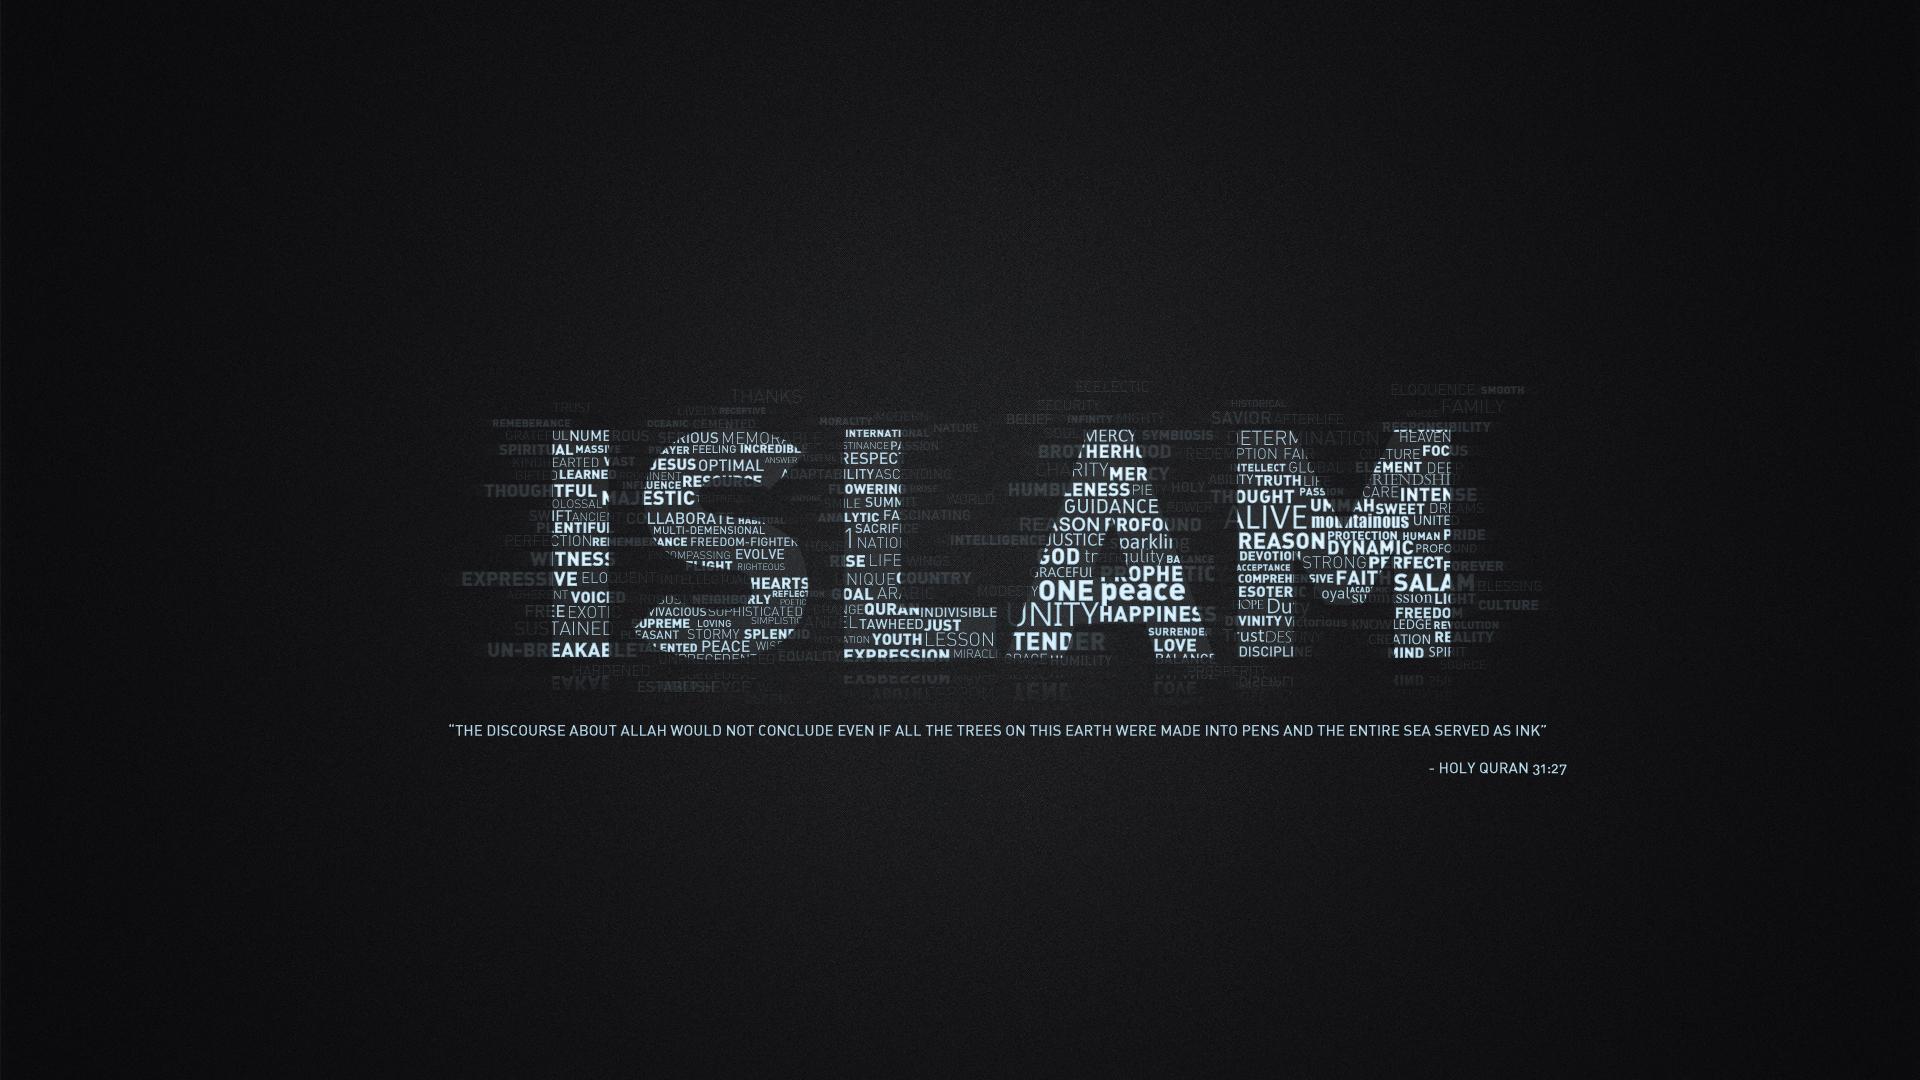 Quran Quotes In English Wallpapers 4k Kakashi